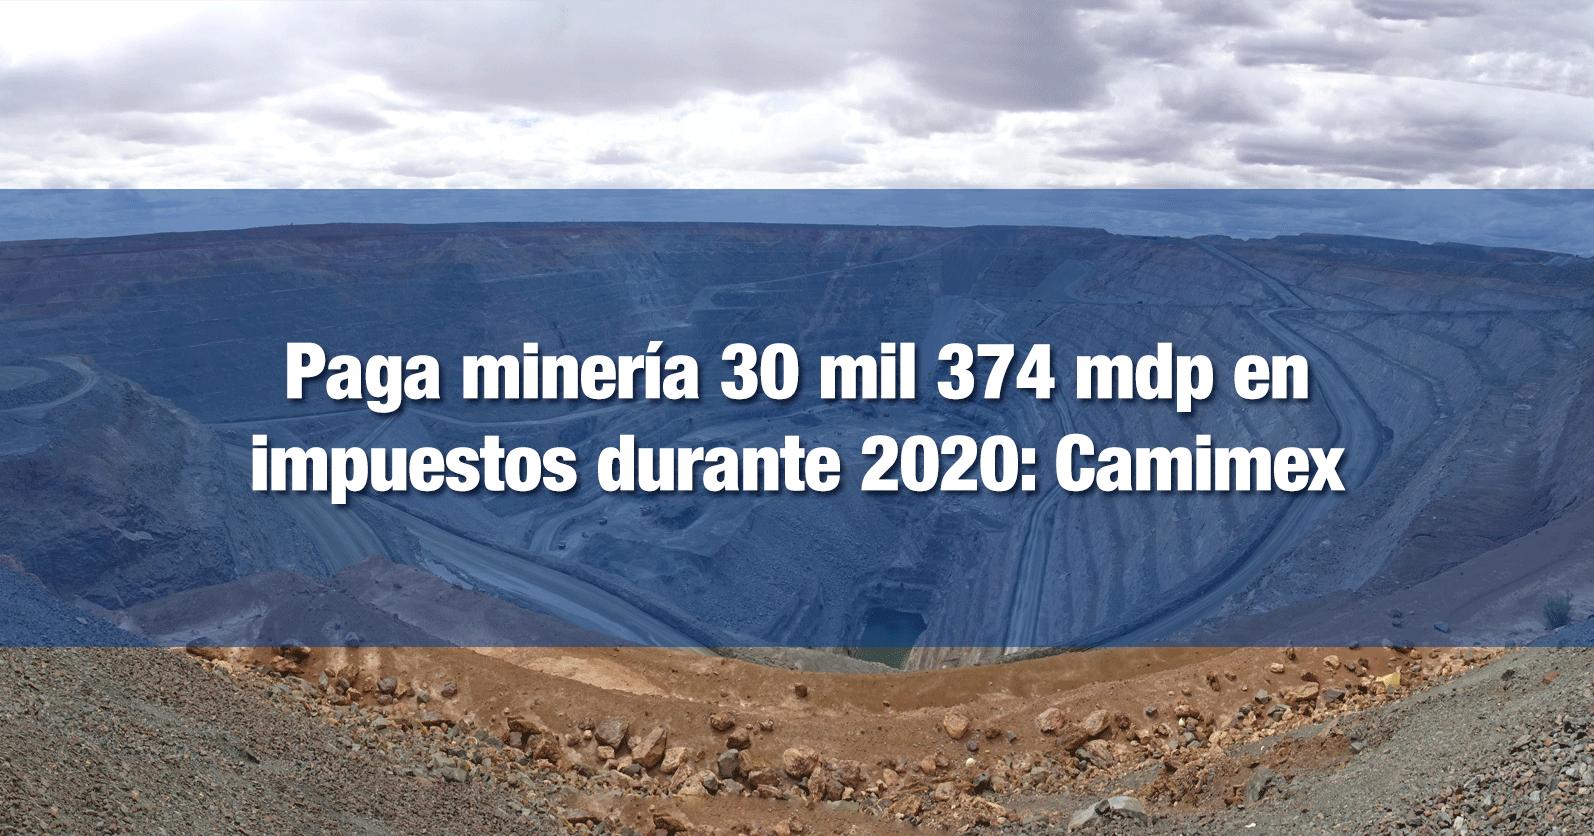 Paga minería 30 mil 374 mdp en impuestos durante 2020: Camimex